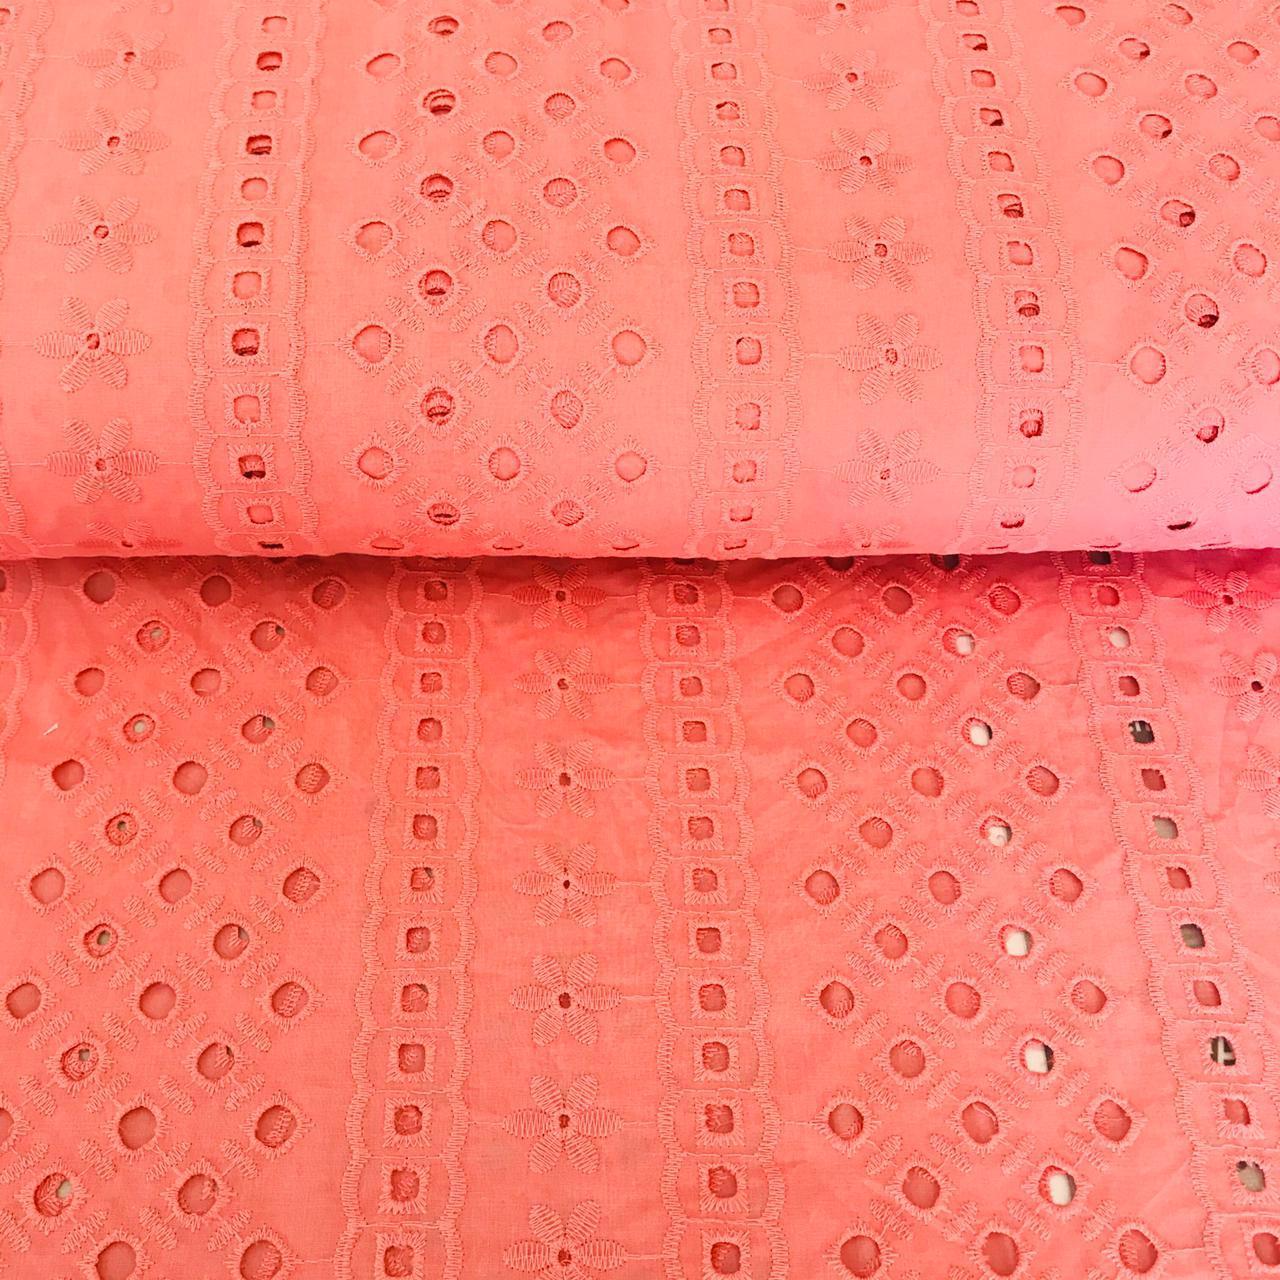 Tecido laisie 100% algodão